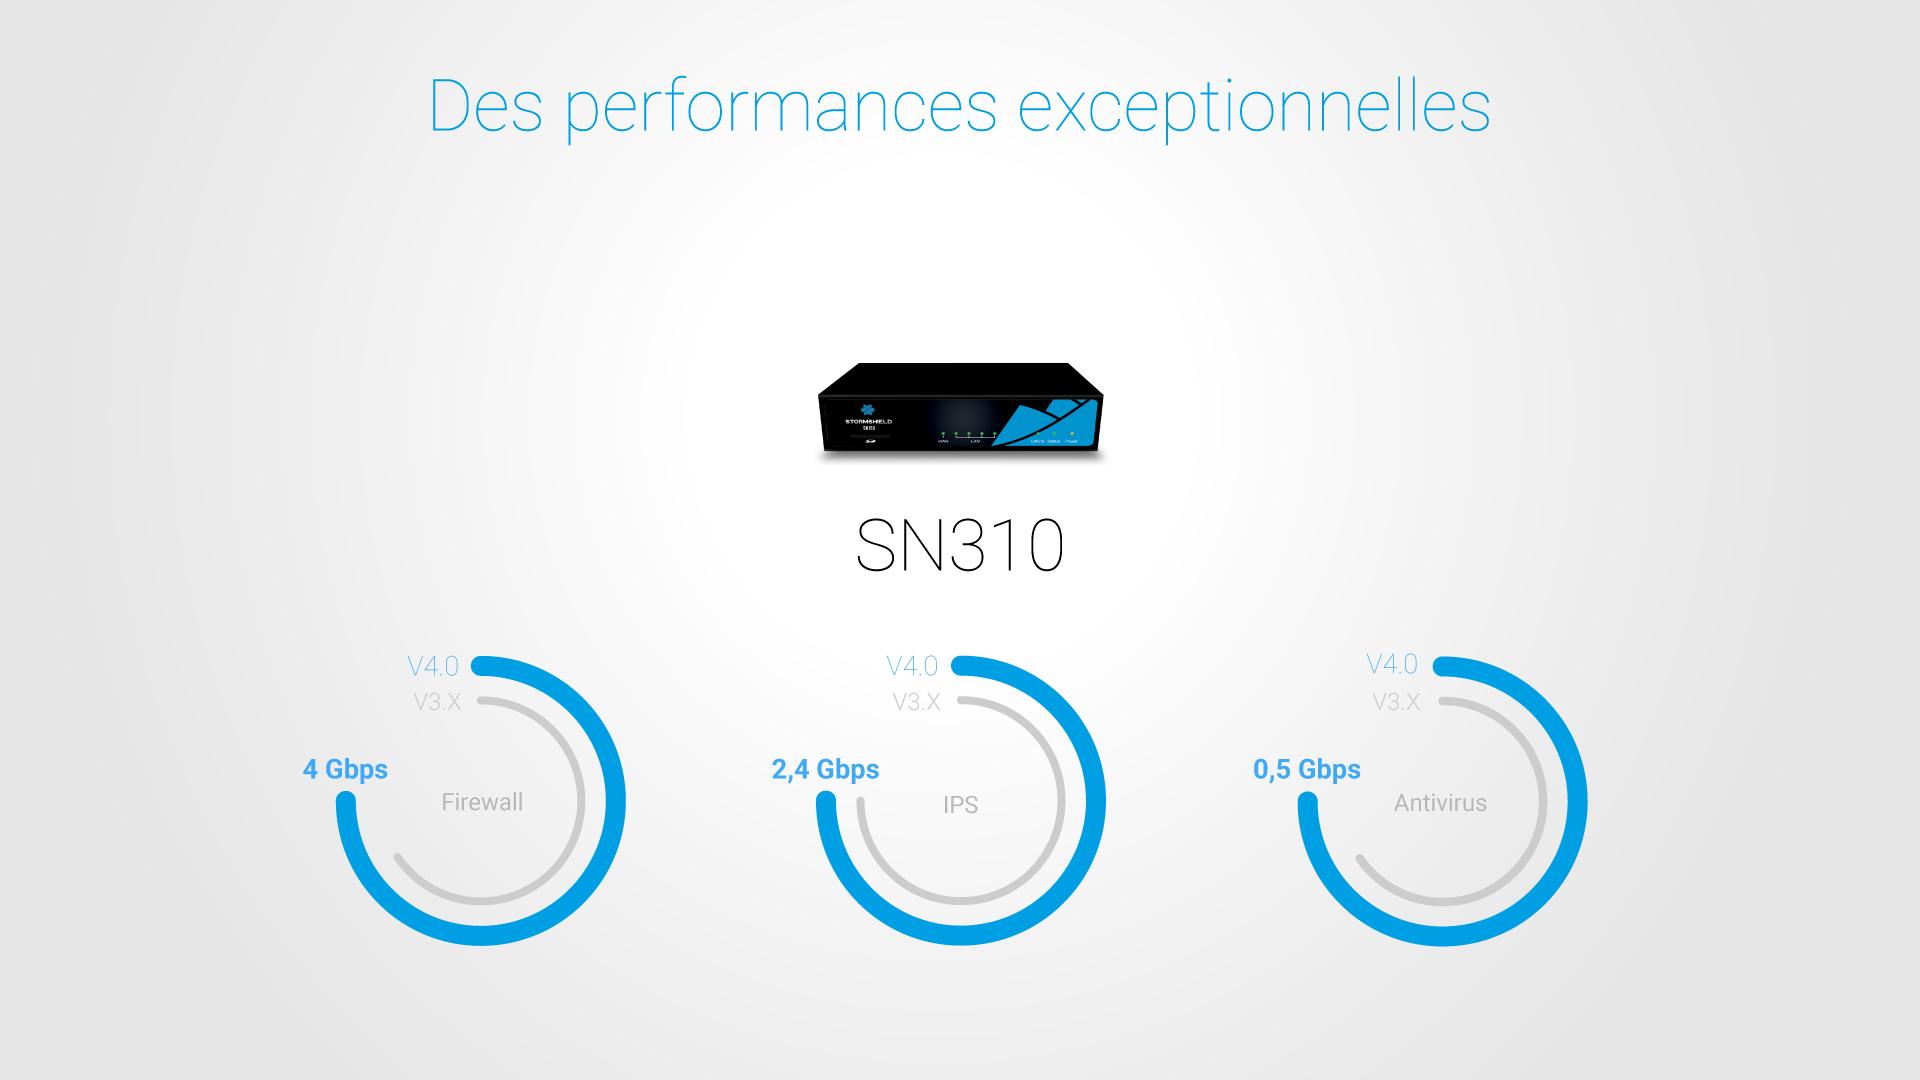 SNS V4.0 : des performances exceptionnelles Firewall, IPS et Antivirus pour le SN310